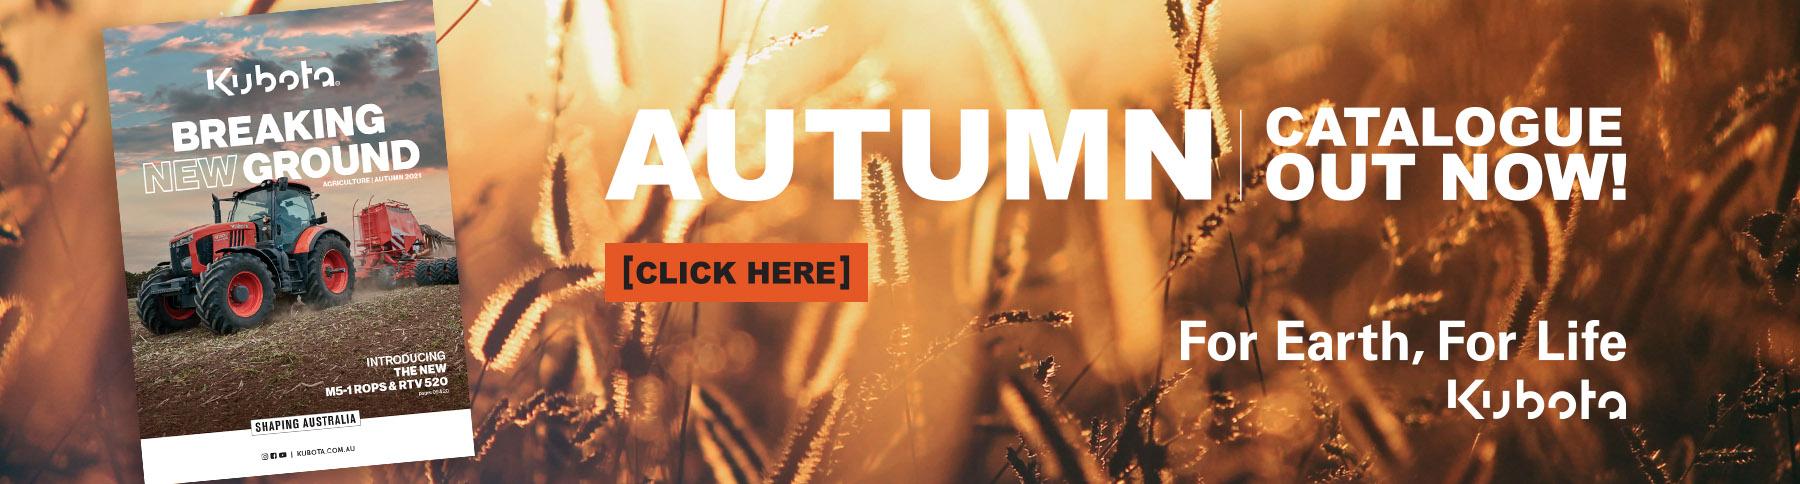 Roylances_Kubota_Autumn_catalog_web_header_0321